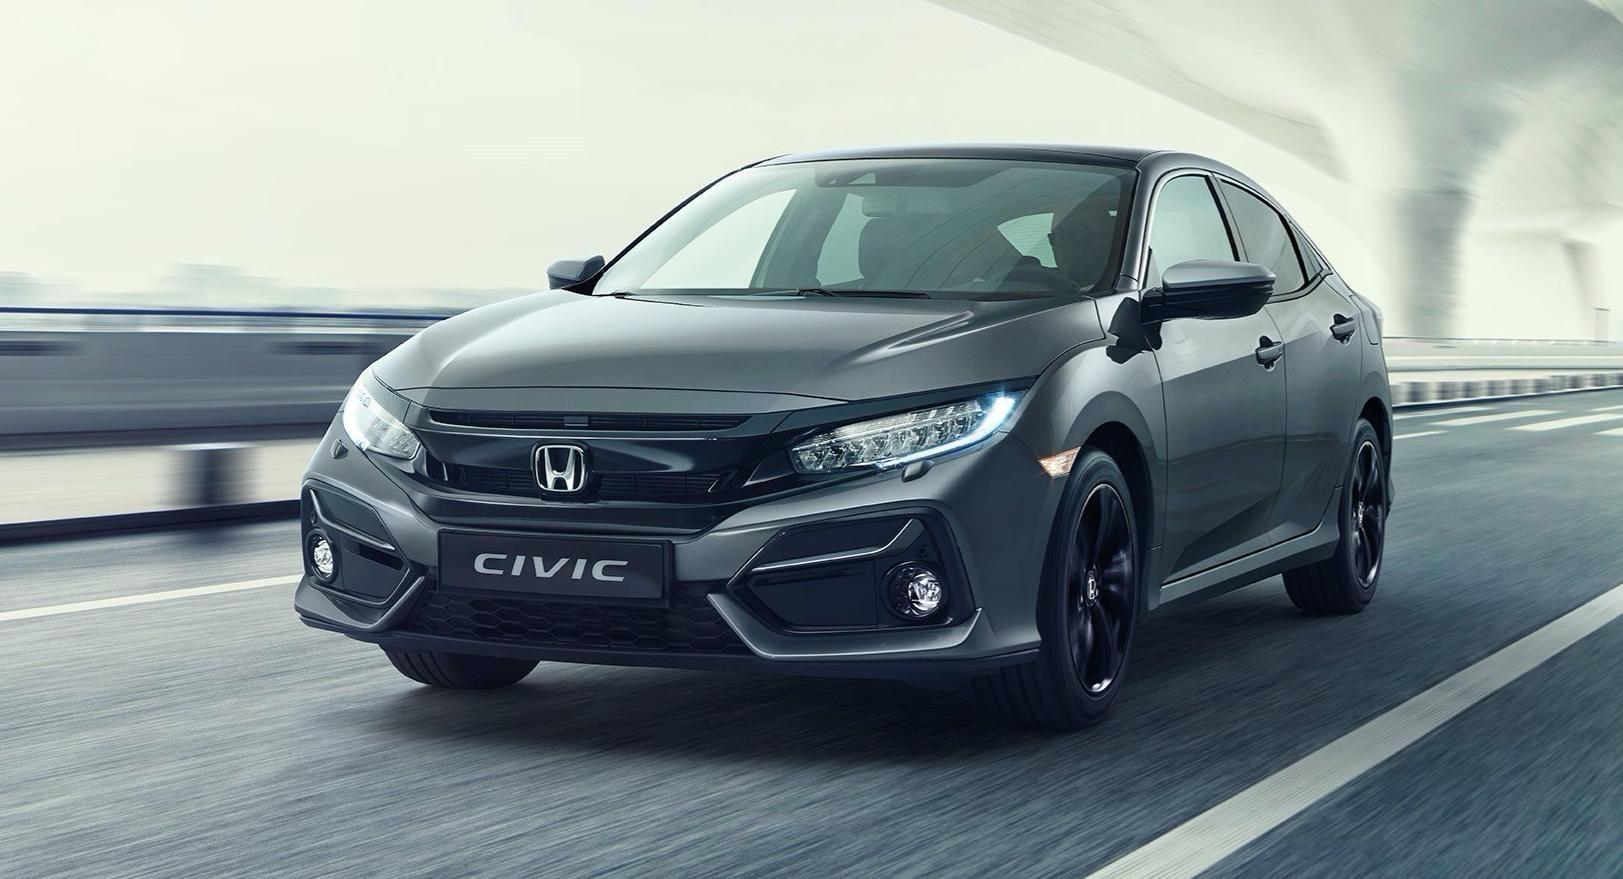 De 10de generatie Honda Civic